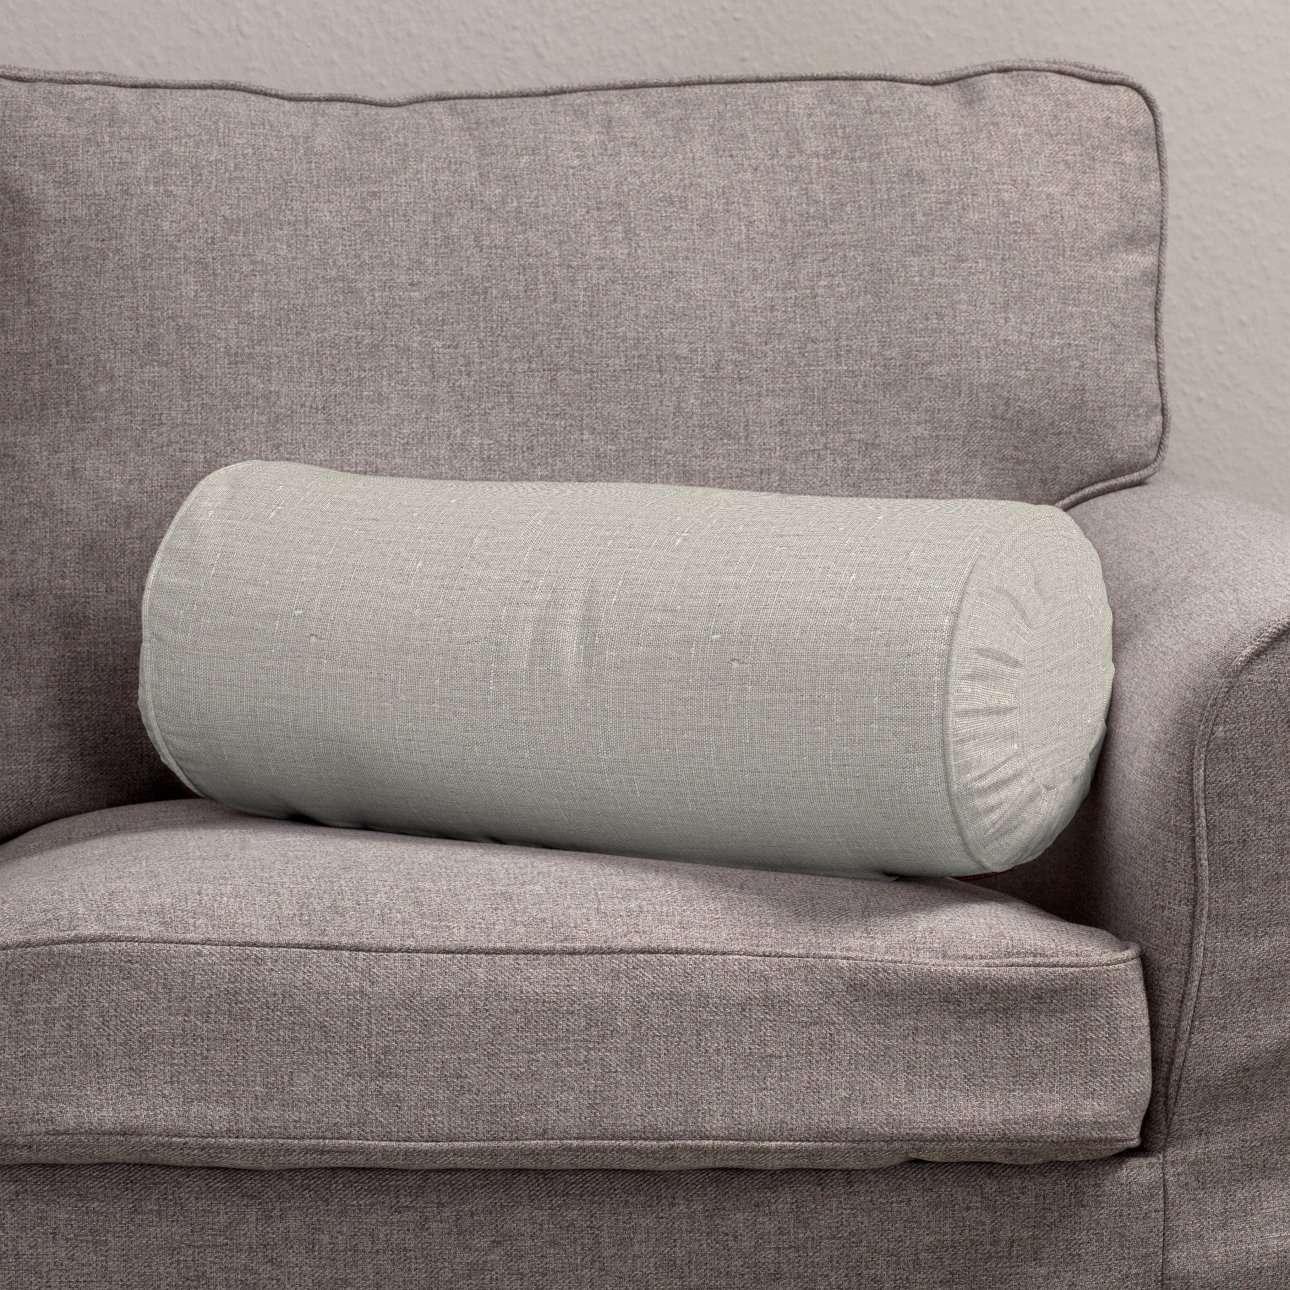 Poduszka wałek z zakładkami Ø 20 x 50 cm w kolekcji Linen, tkanina: 392-05